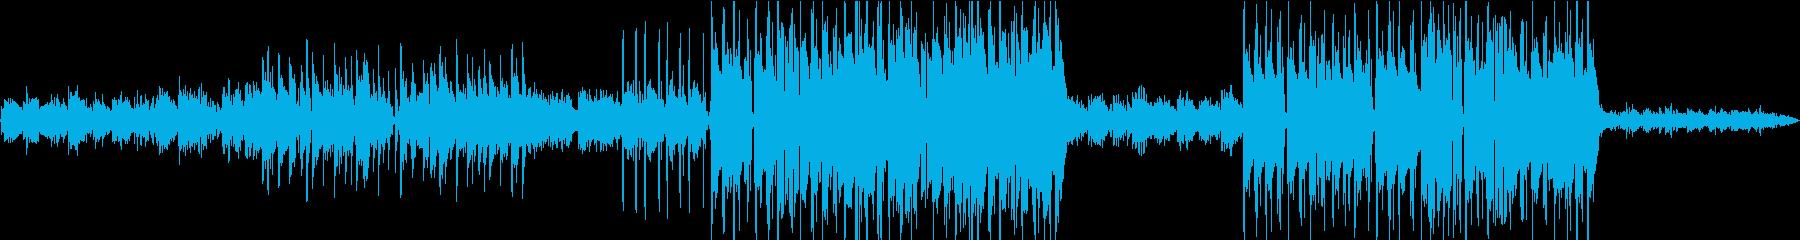 おぼろげ・切ない・lofi hiphopの再生済みの波形